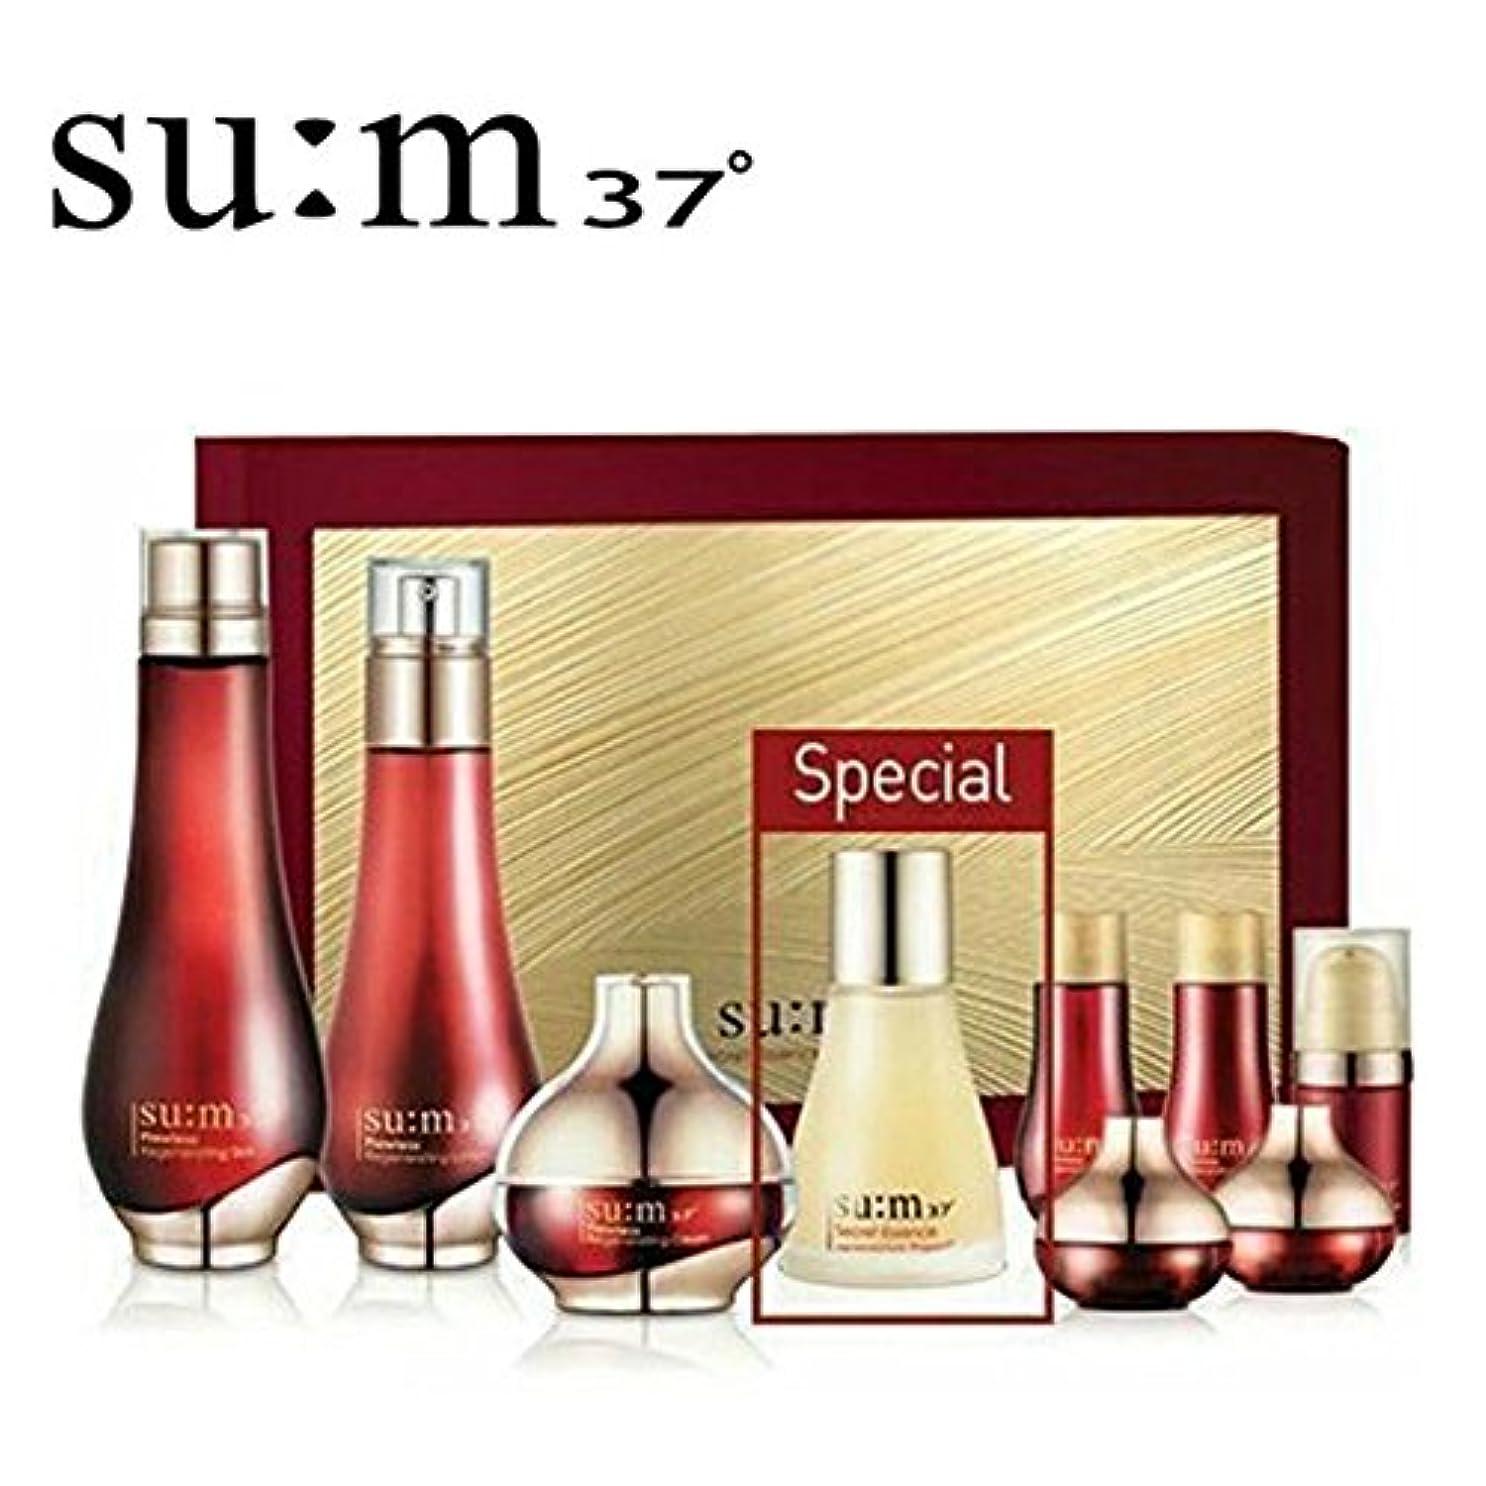 旅行適切に退屈な[su:m37/スム37°] SUM37 Flowless Special Set/ sum37 スム37? フローレス 3種 企画セット +[Sample Gift](海外直送品)